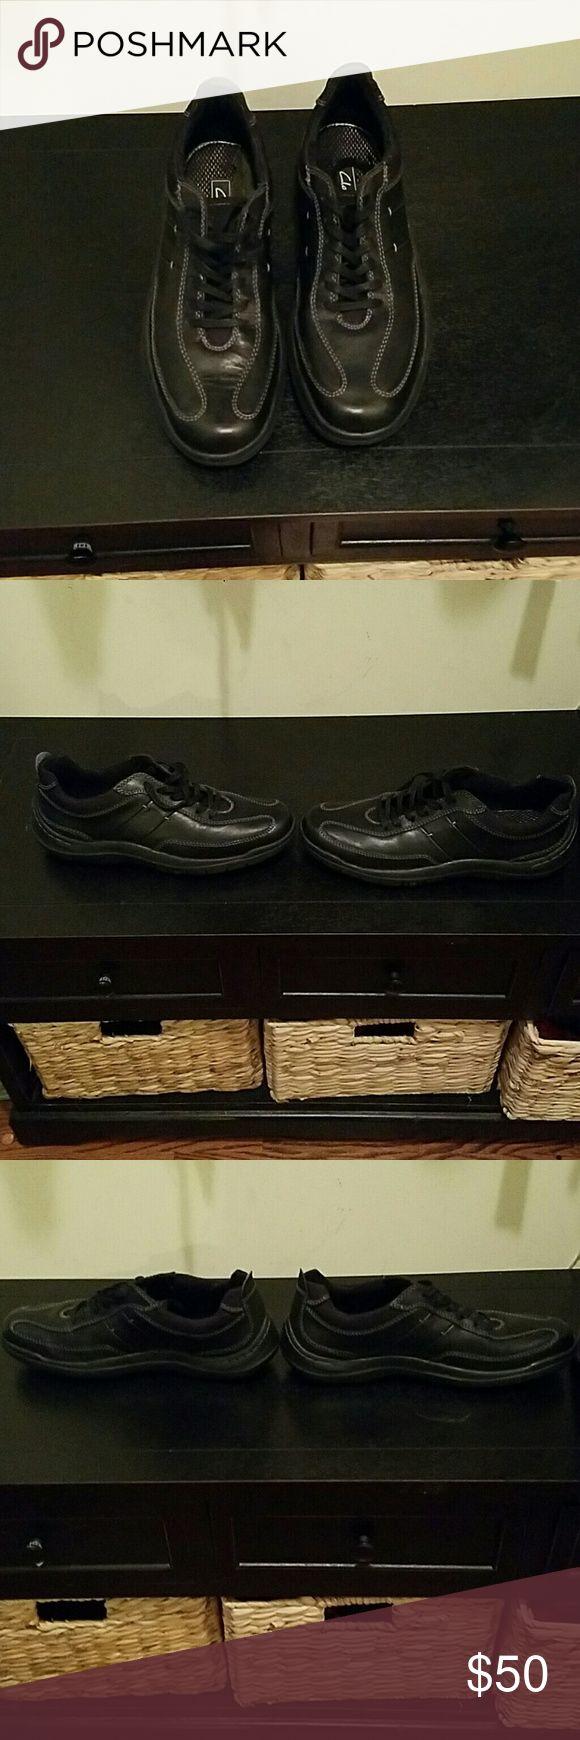 MEN Clarks Blk Shoe/Sneaker Excellent Condition MEN Clarks Blk Shoe/Sneaker Clarks Shoes Boat Shoes